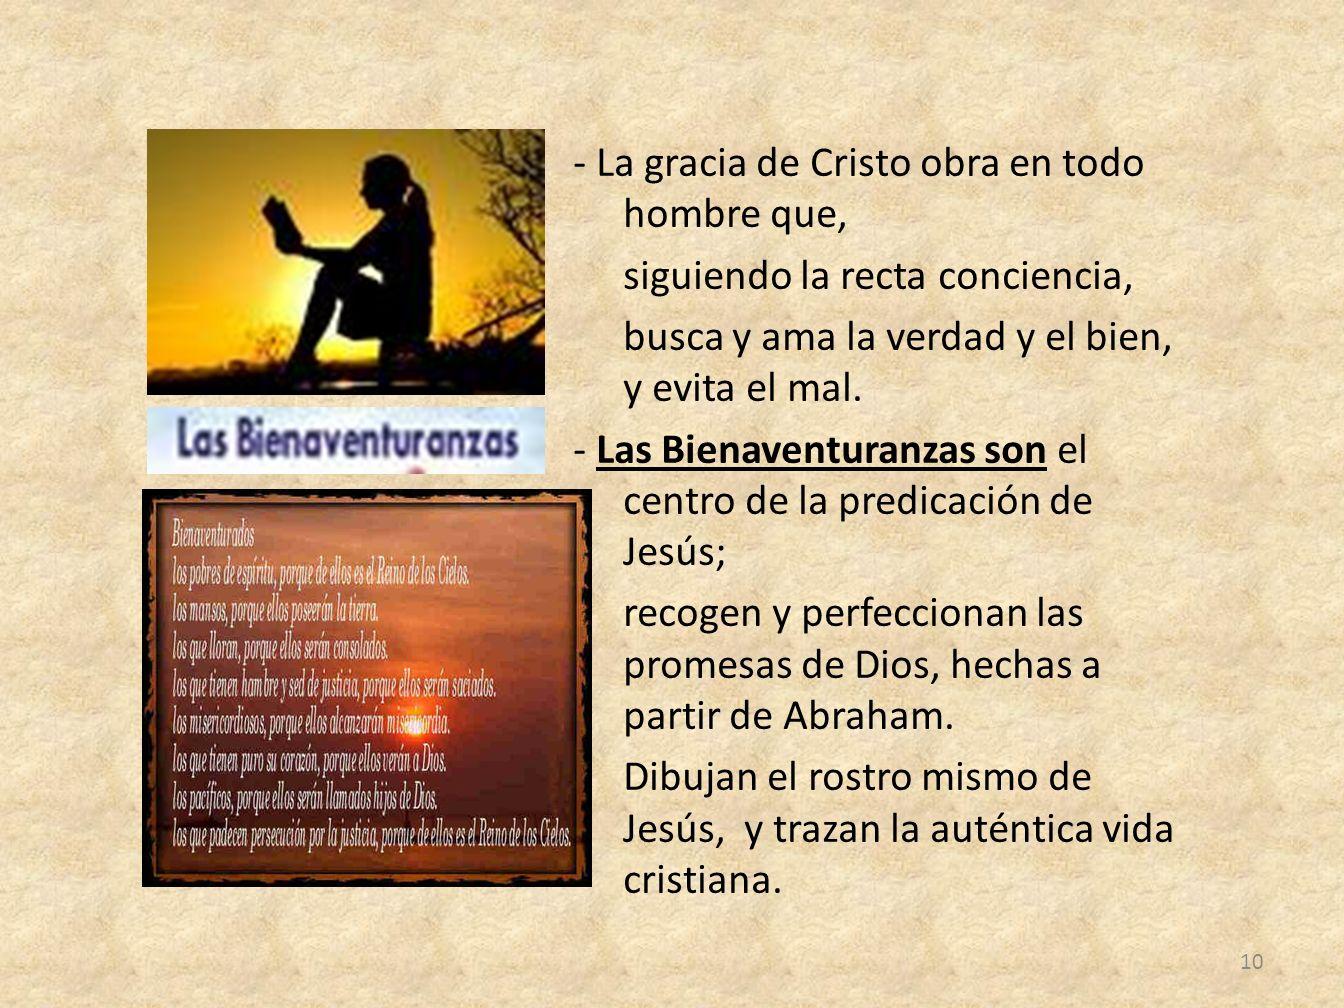 - La gracia de Cristo obra en todo hombre que, siguiendo la recta conciencia, busca y ama la verdad y el bien, y evita el mal.